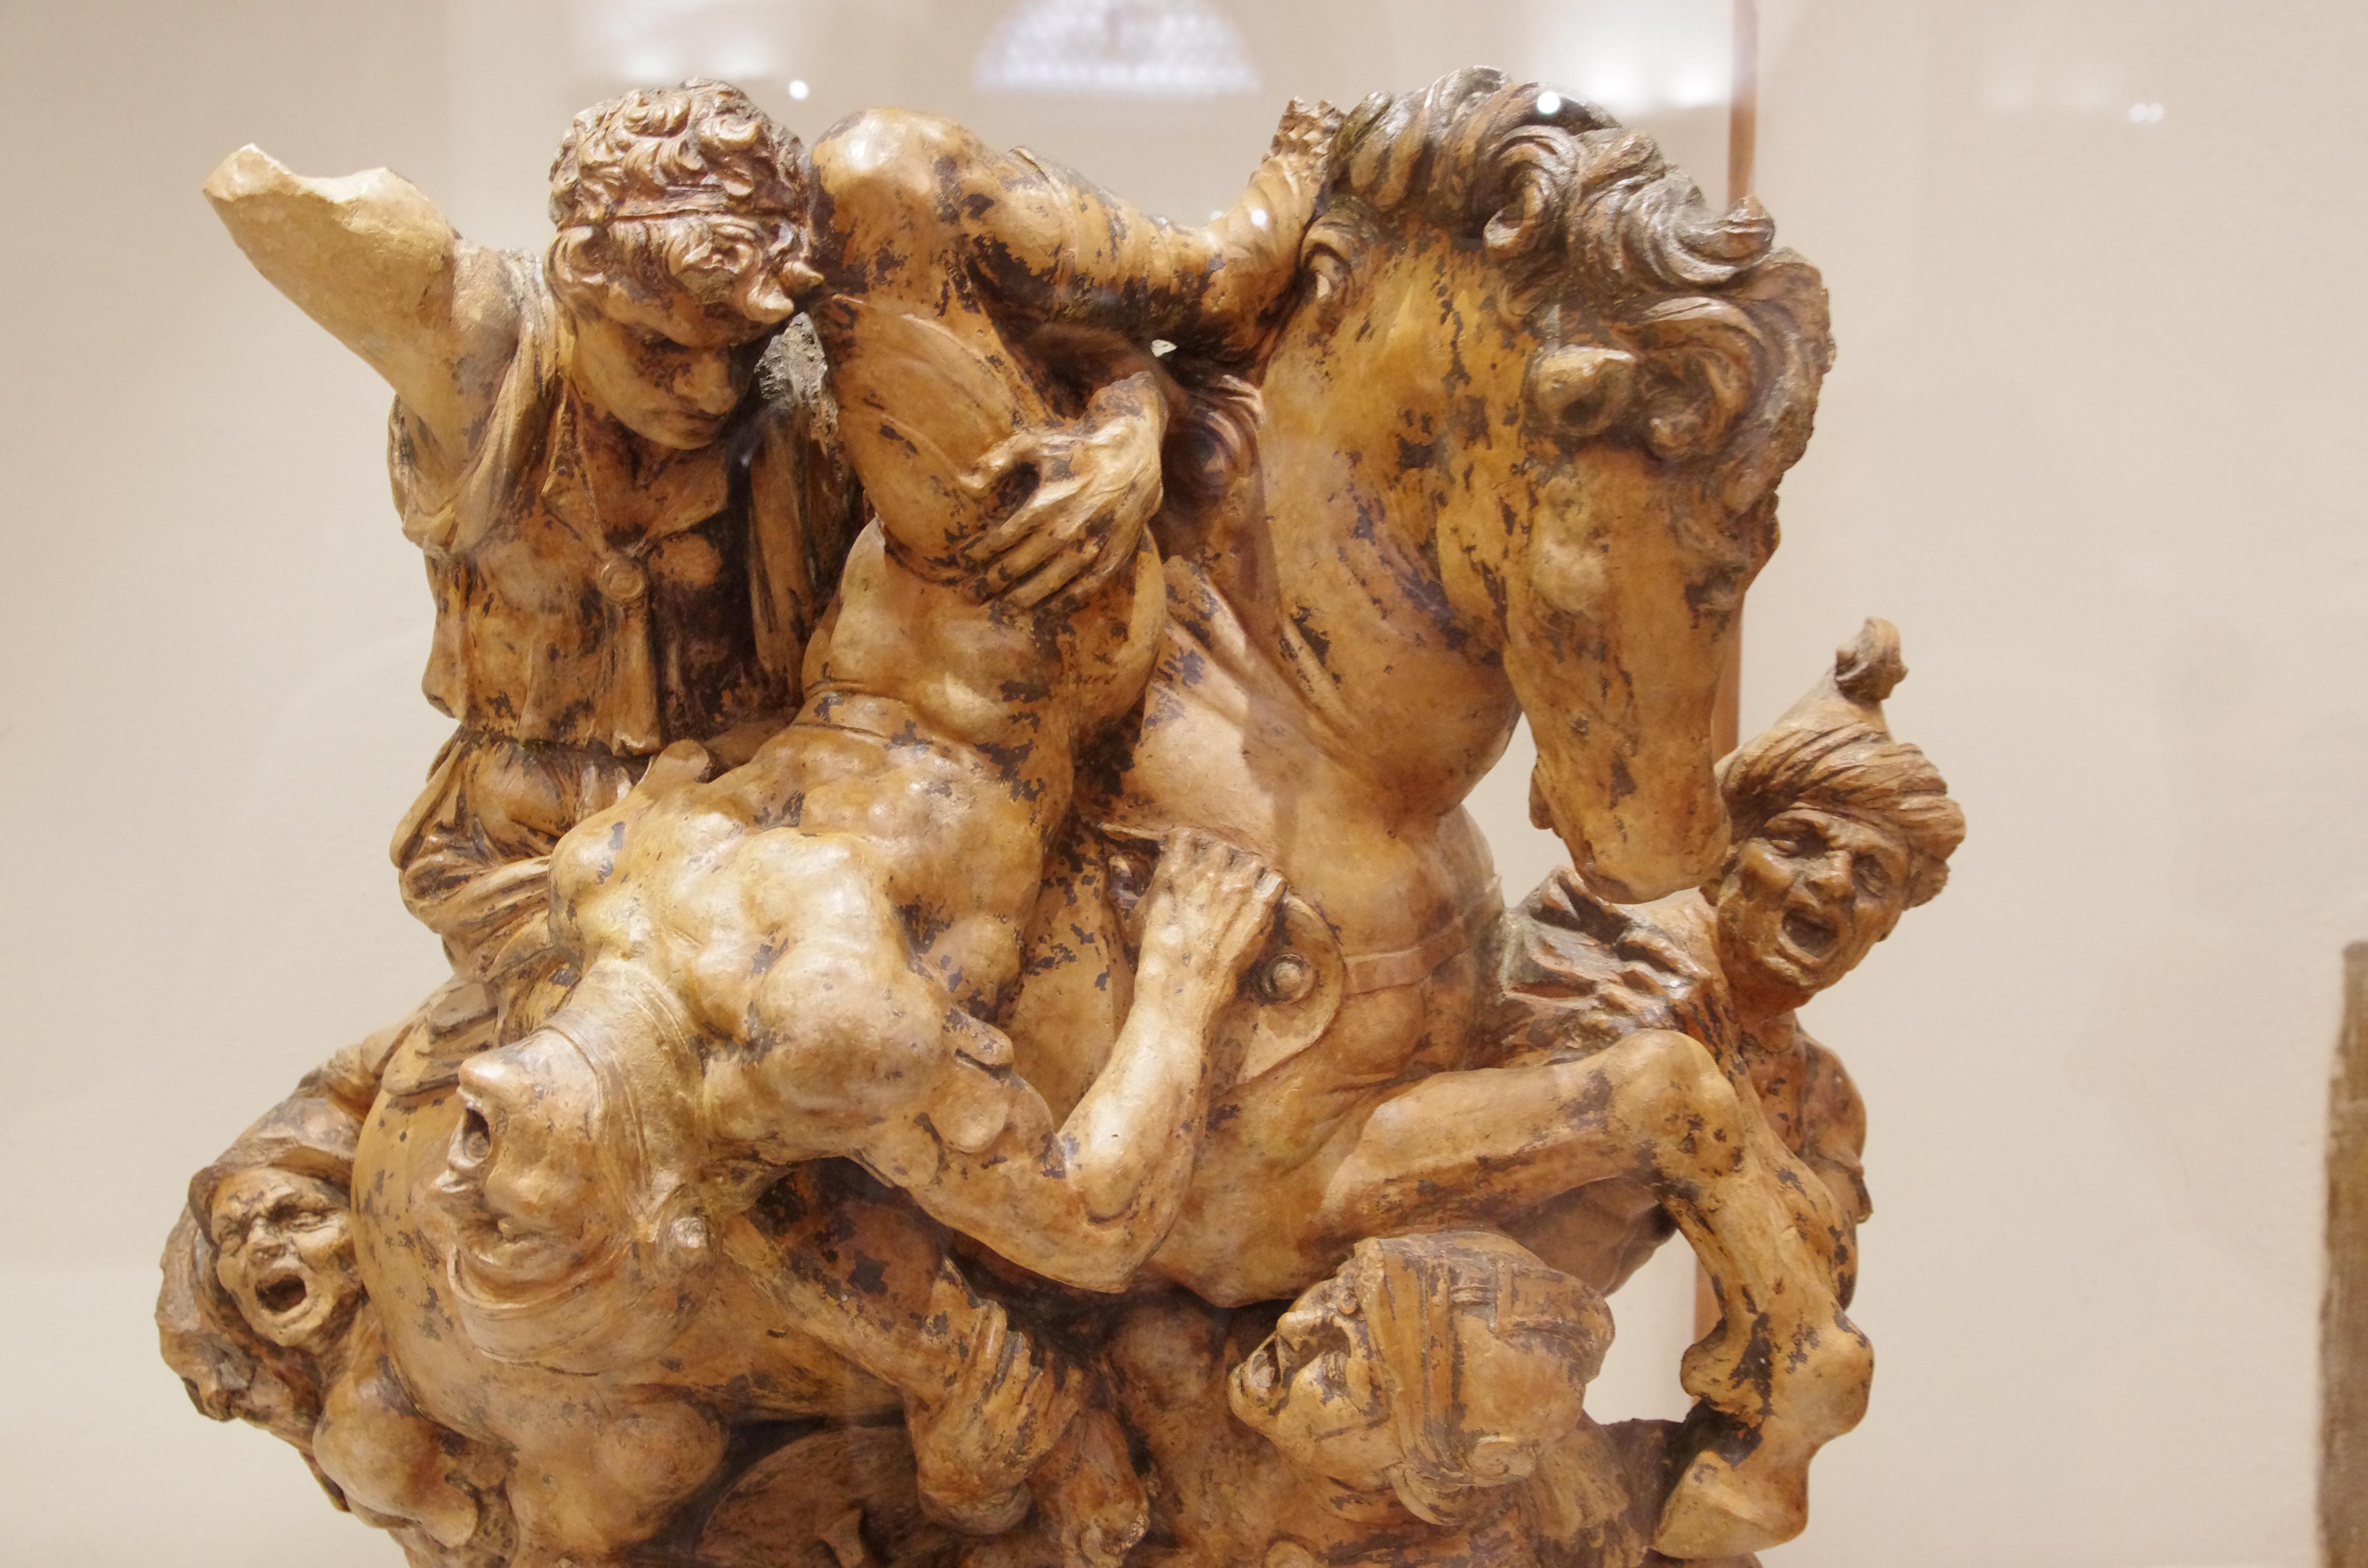 Museo Leonardo Da Vinci Firenze.File 03 2015 Giovan Francesco Rustici Da La Battaglia Di Anghiari Di